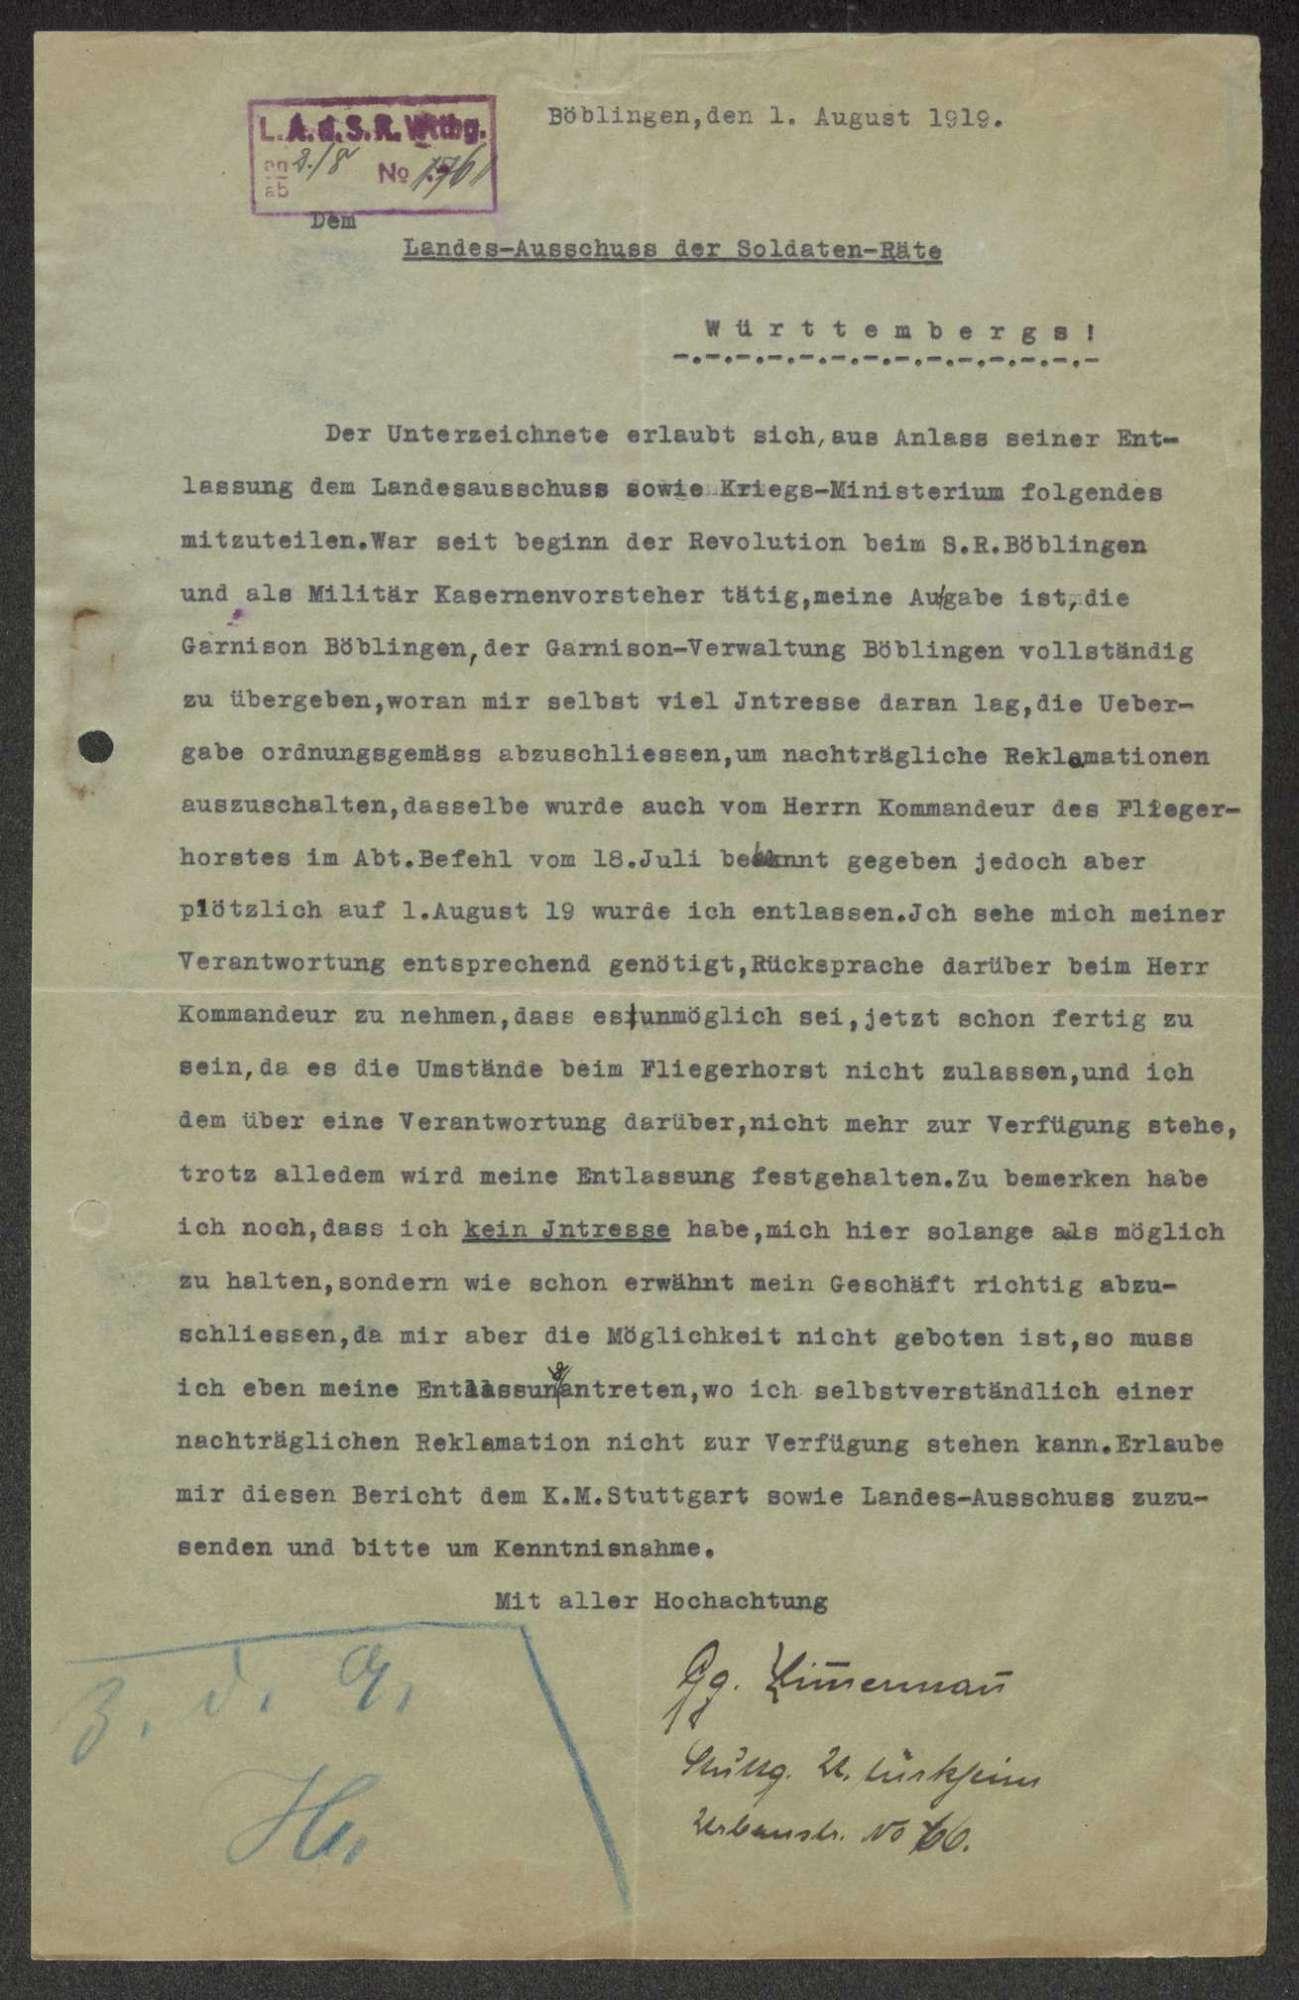 Garnisonsrat Böblingen: Zusendung von Ausweiskarten, Entlassung von Mitgliedern, Bild 3